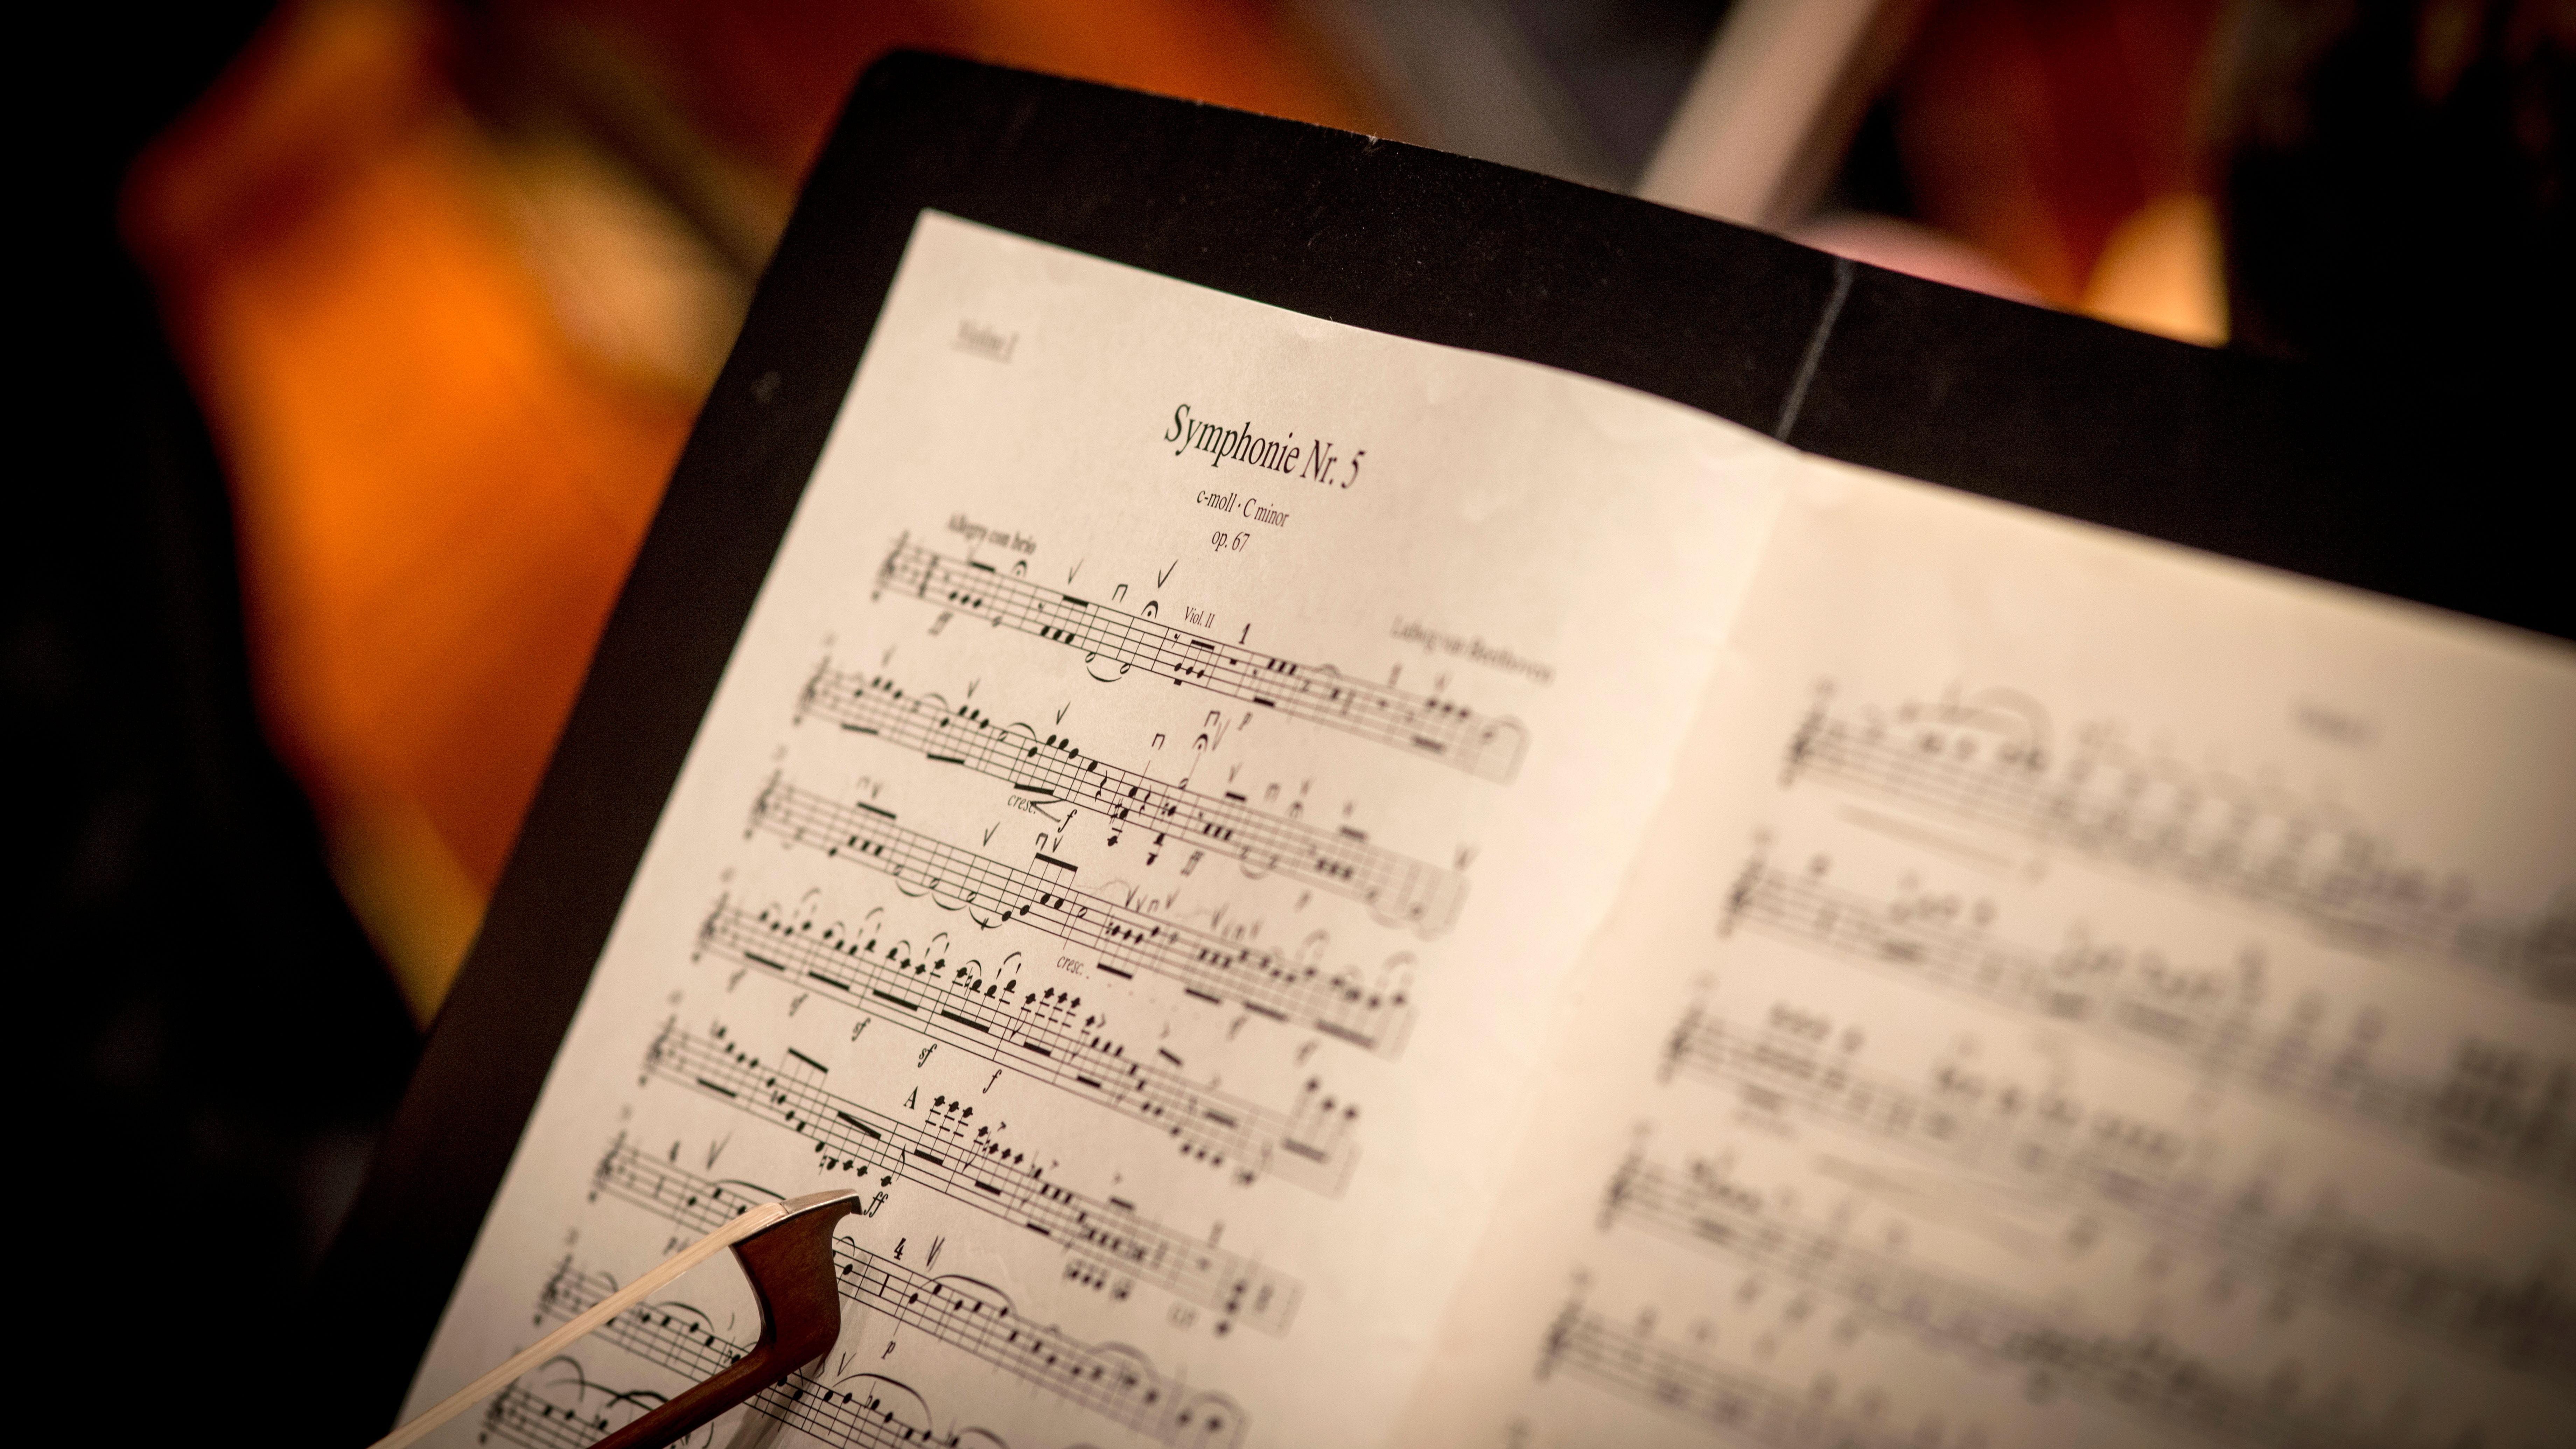 vr-la-philharmonic-sheet-music